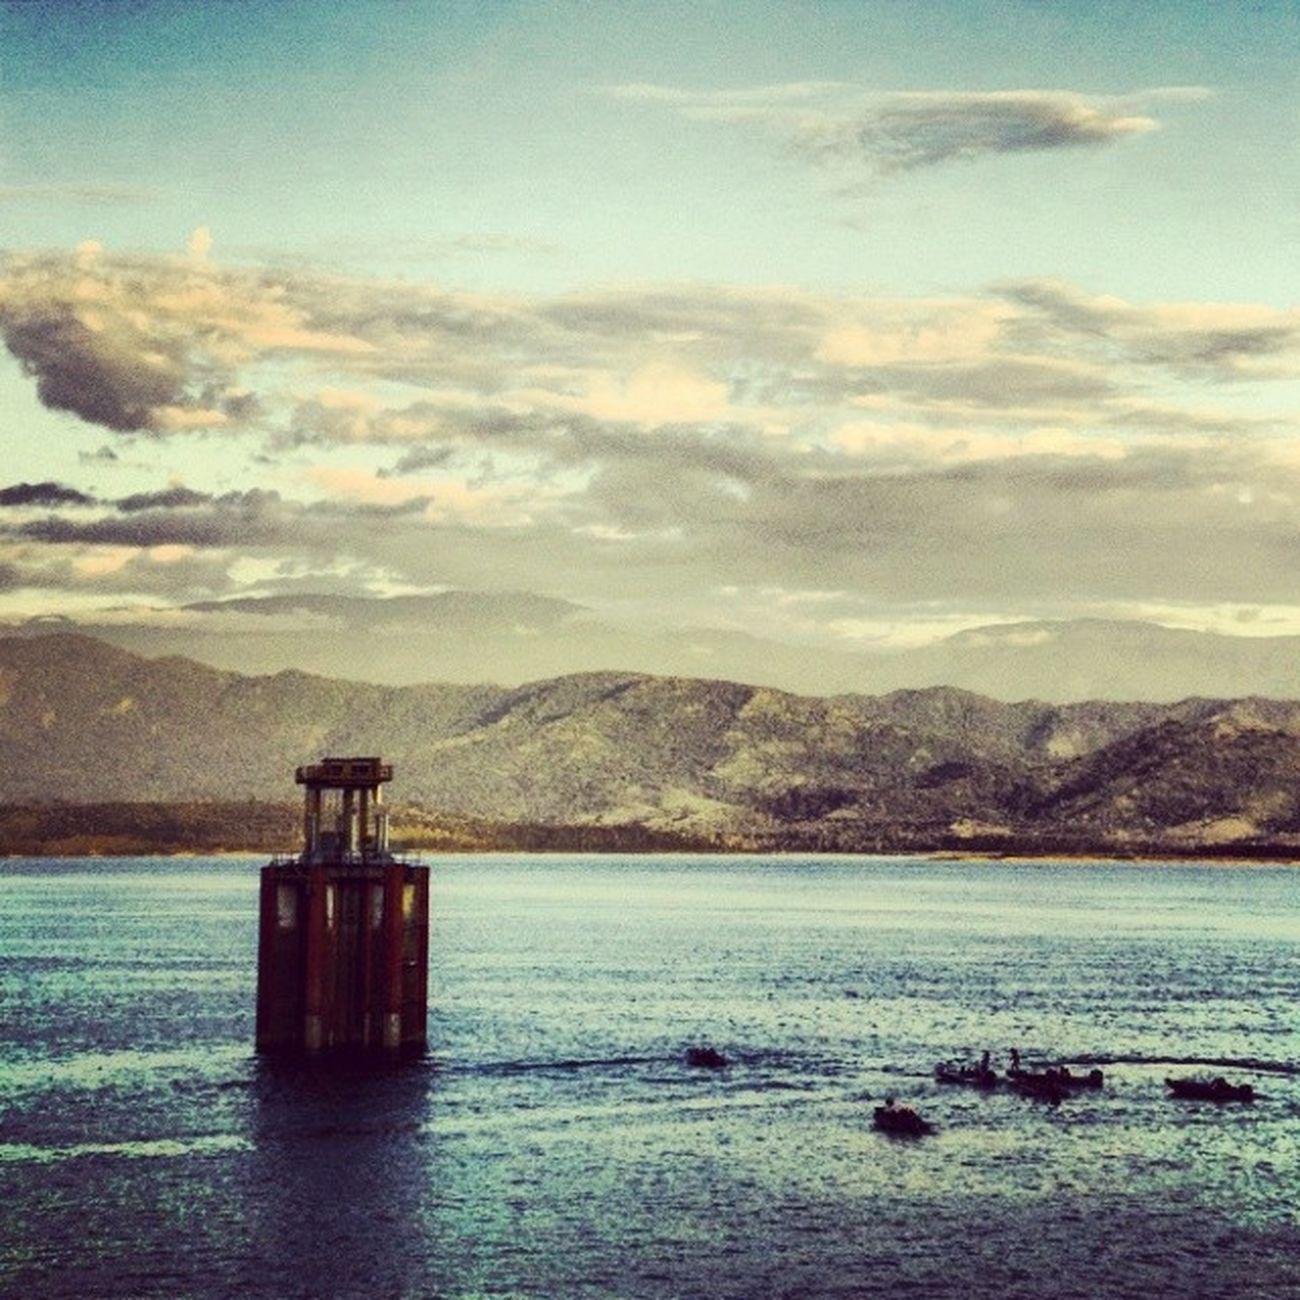 Guanare Represas Pescapavon Venezuela paisajes pueblosdevenezuela